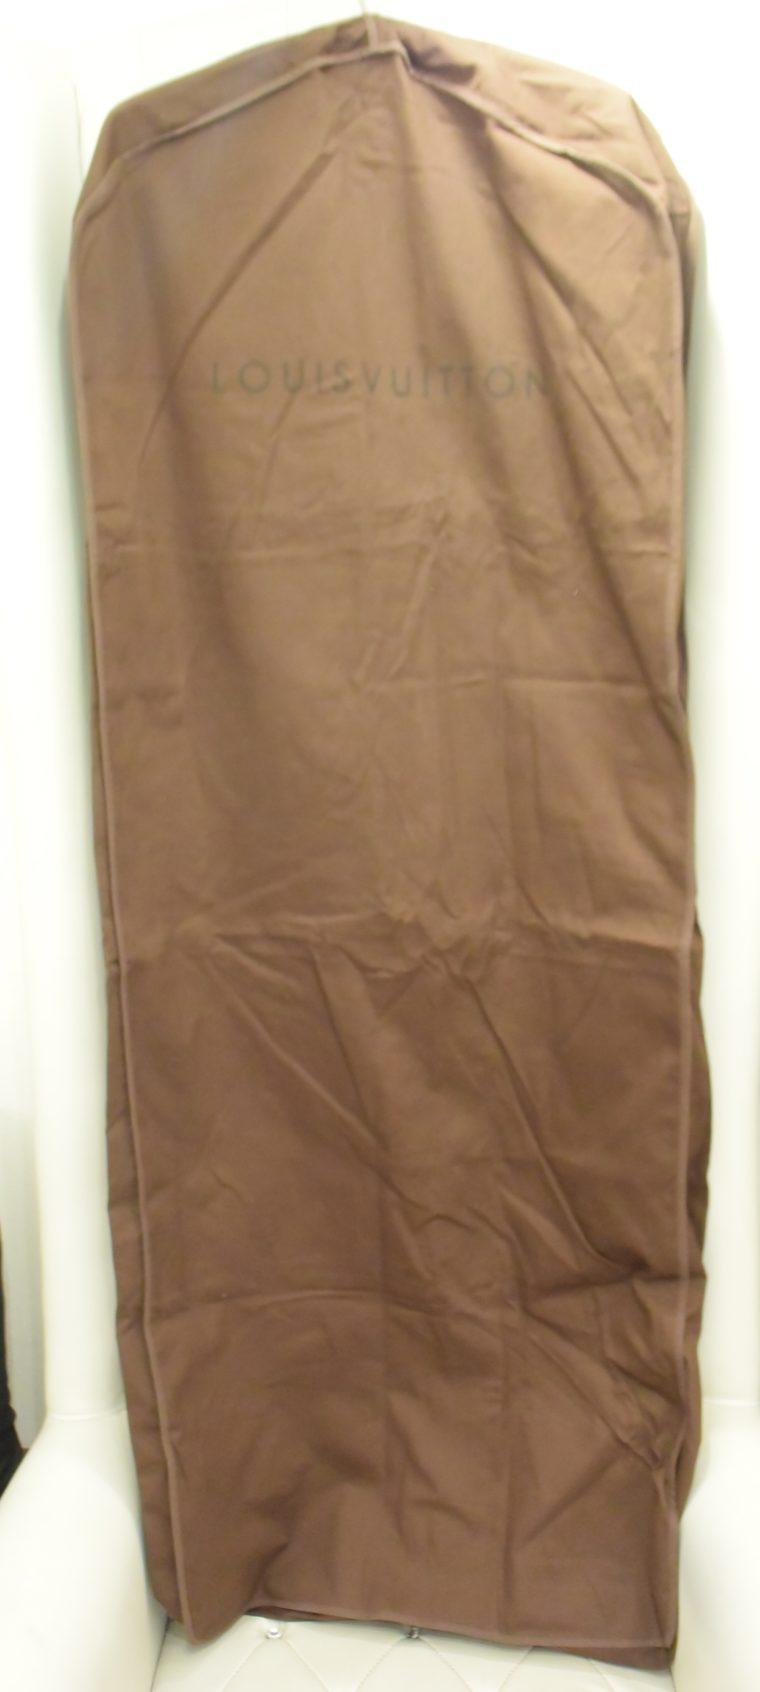 Louis Vuitton Kleiderhülle Kleidersack groß braun-0